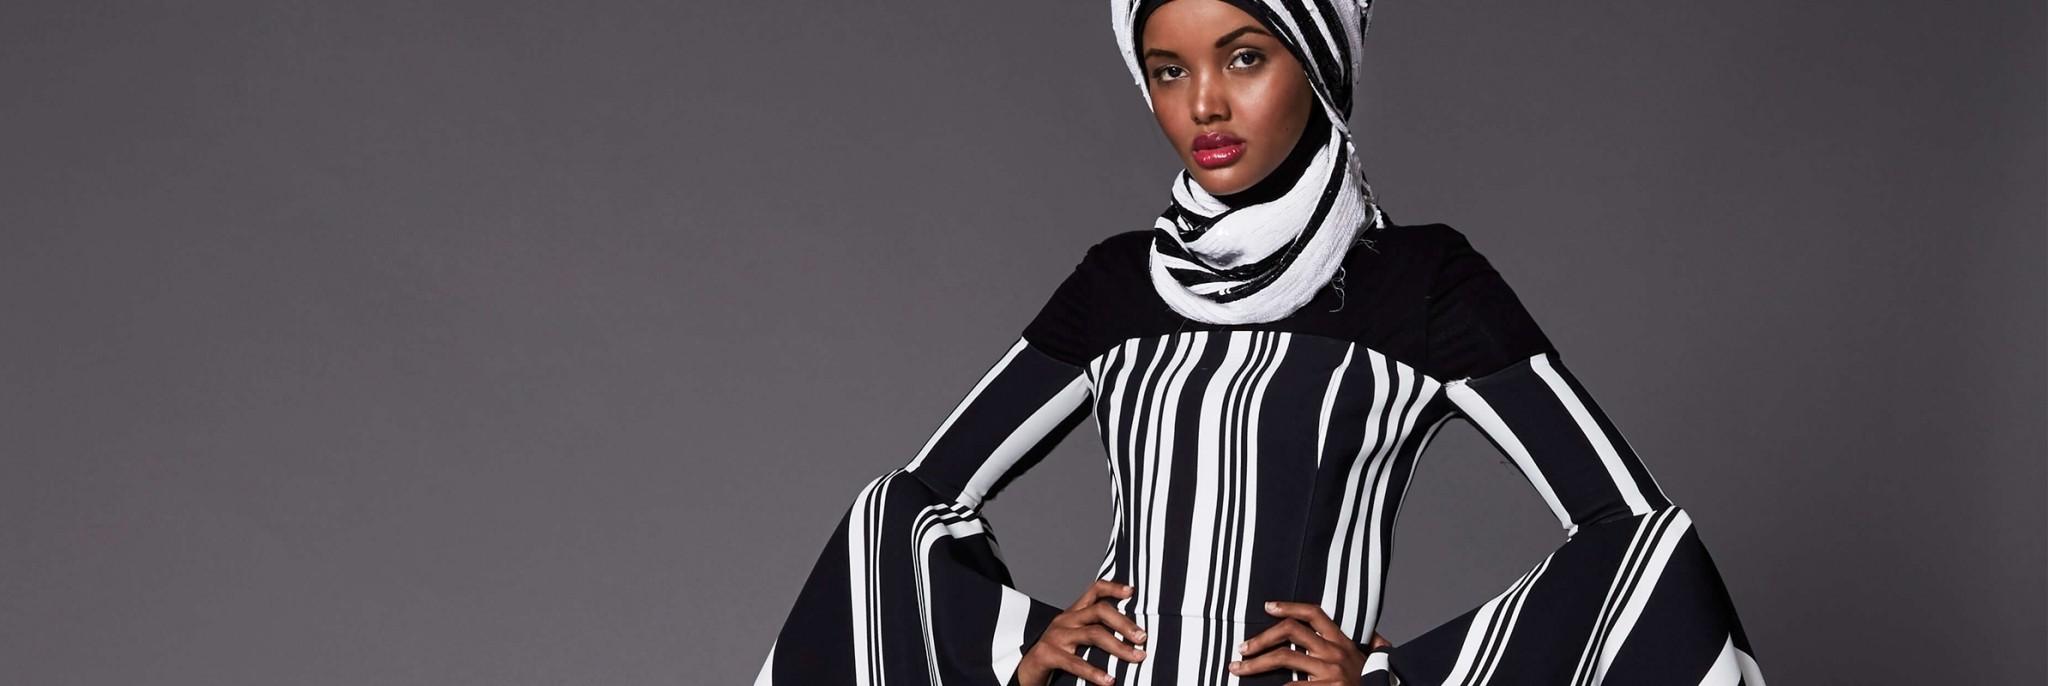 هذه هي علامة الأزياء العربية التي تعشقها النجمات اليوم